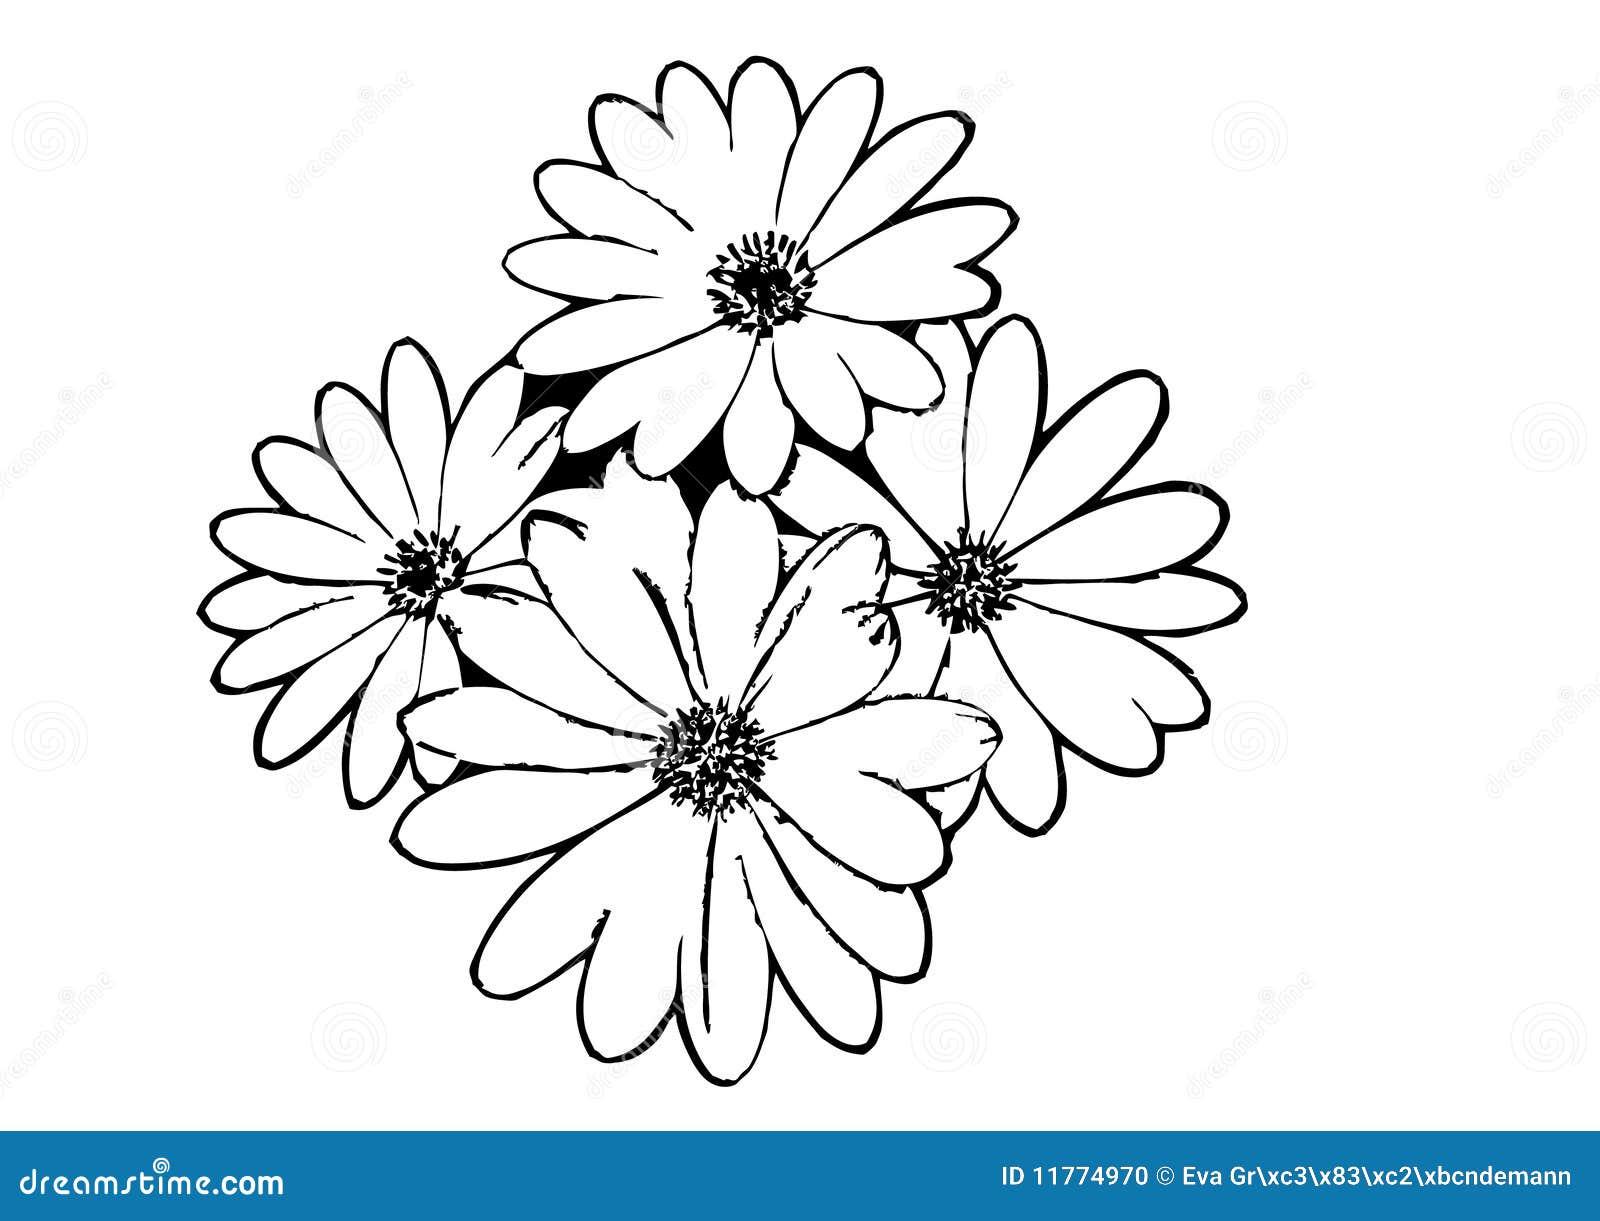 Black Flower Outline stock vector. Illustration of